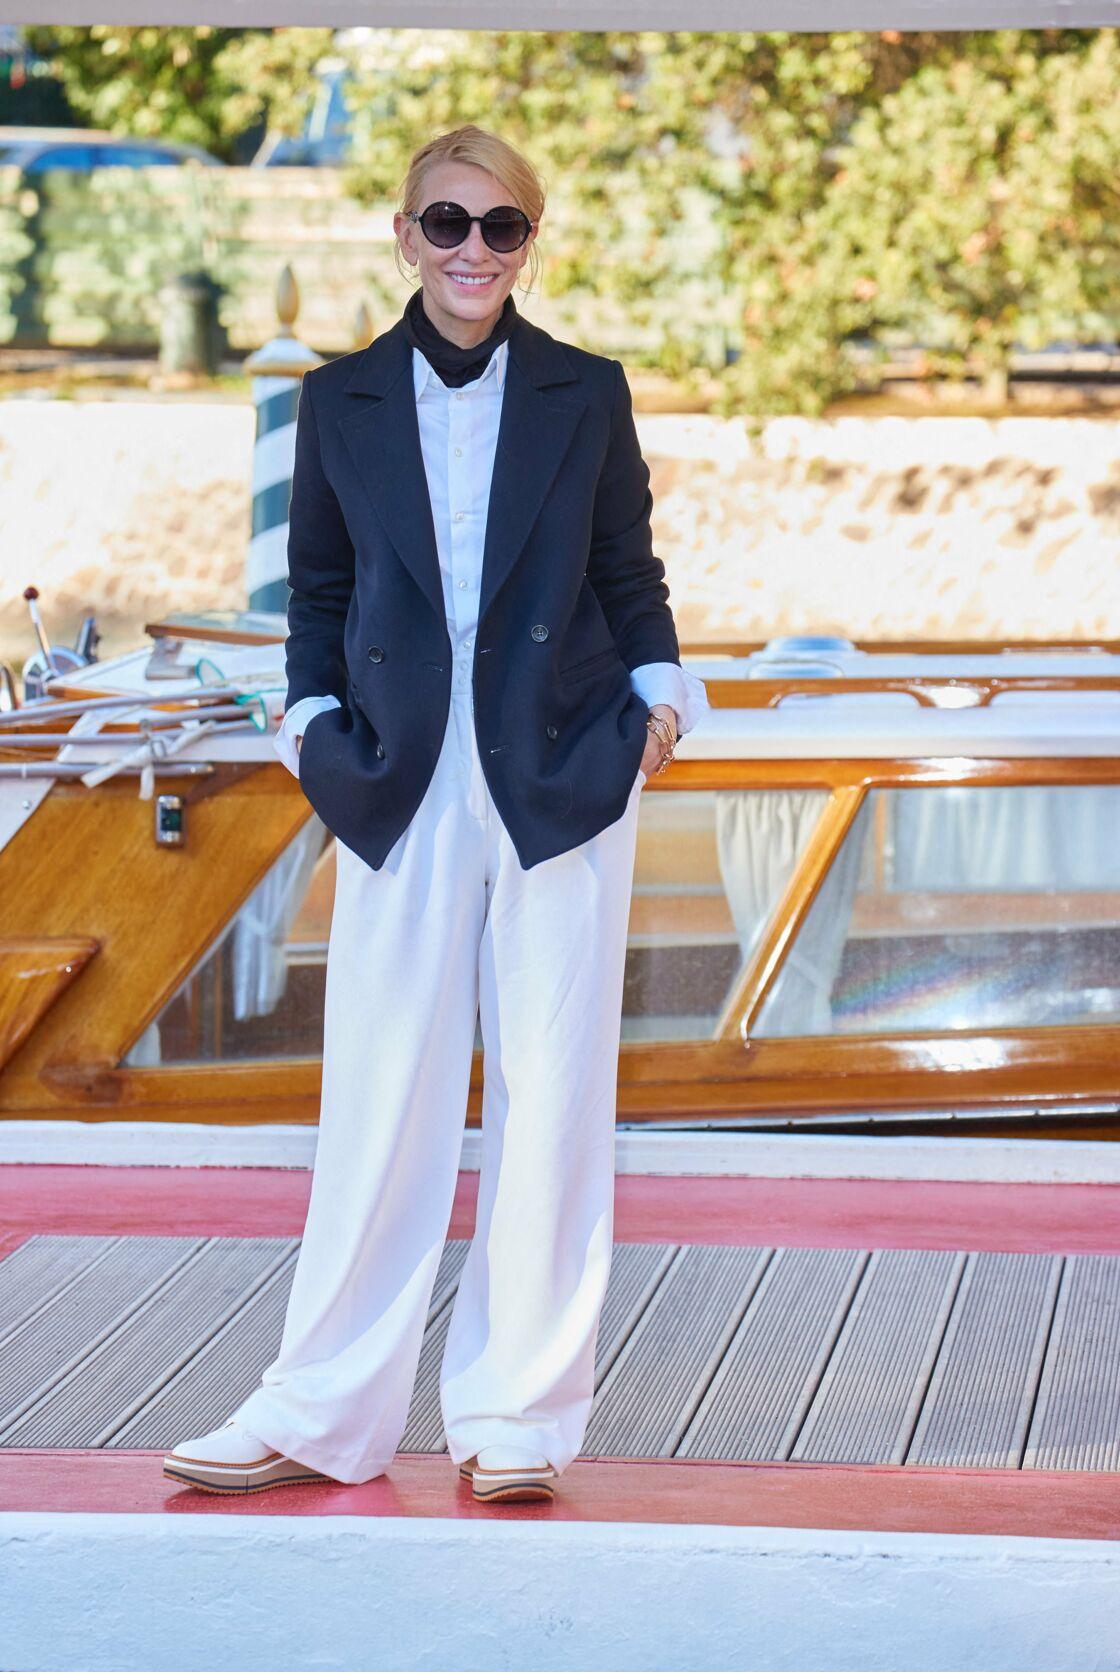 Cate Blanchett mise sur le panalon large blanc et la veste de costume ajustée sur une chemise blanche